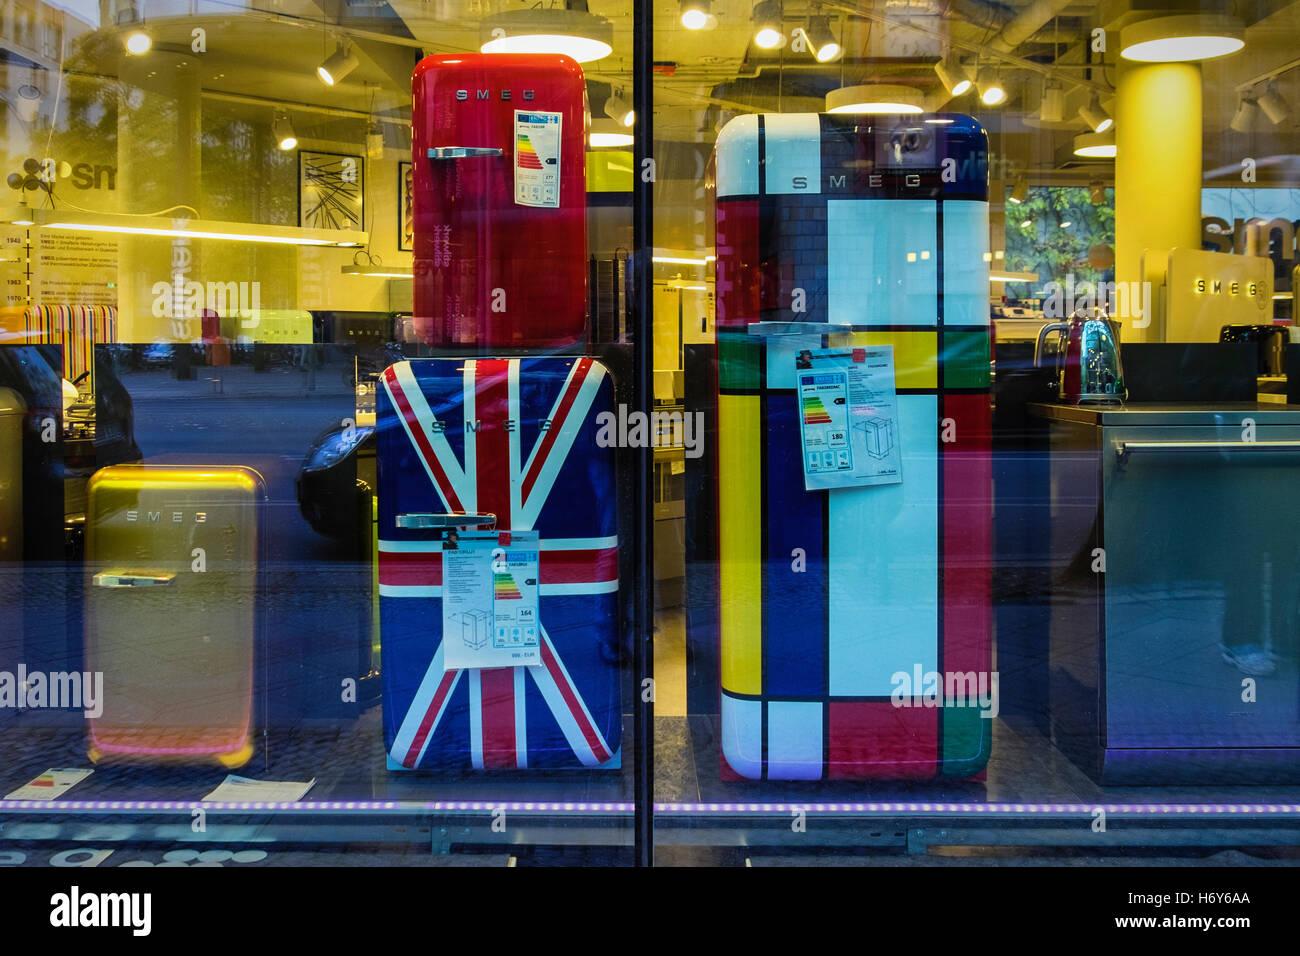 Smeg Kühlschrank Kundendienst : Berlin smeg display schaufenster shop verkauft bunte retro